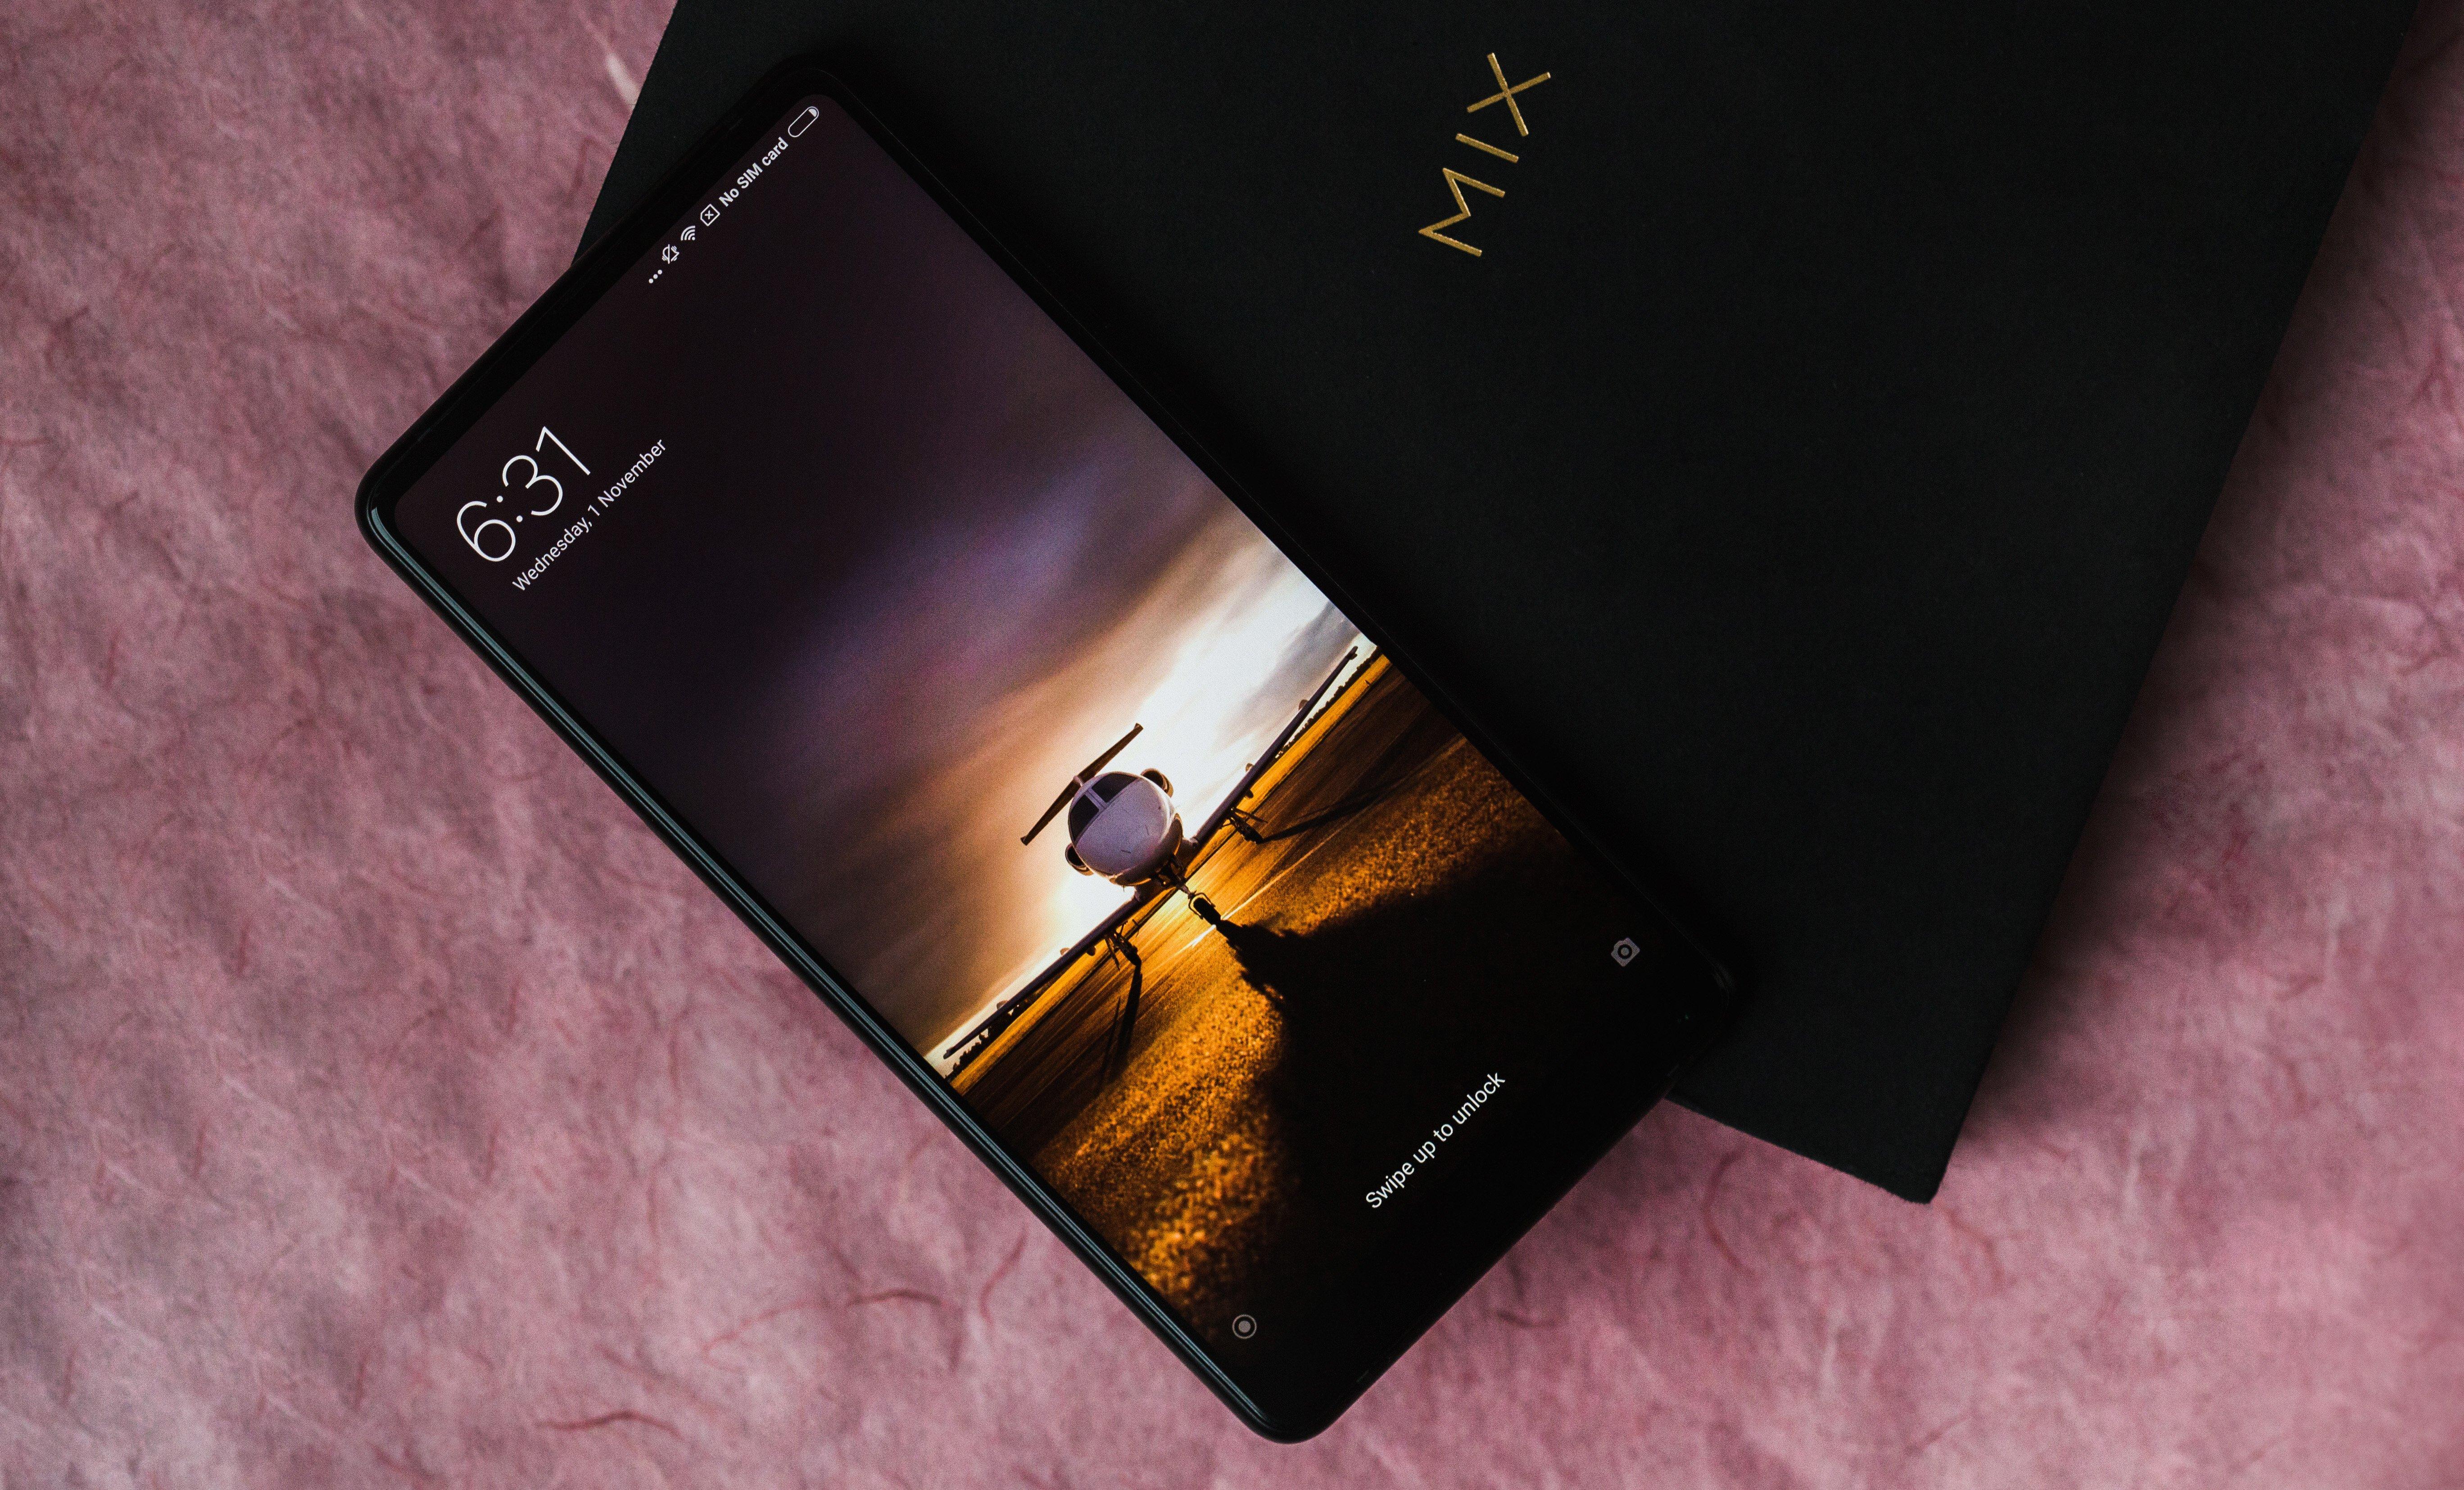 Briefe Nach Xiaomi : Nach wiko wird auch xiaomi beim spionieren erwischt